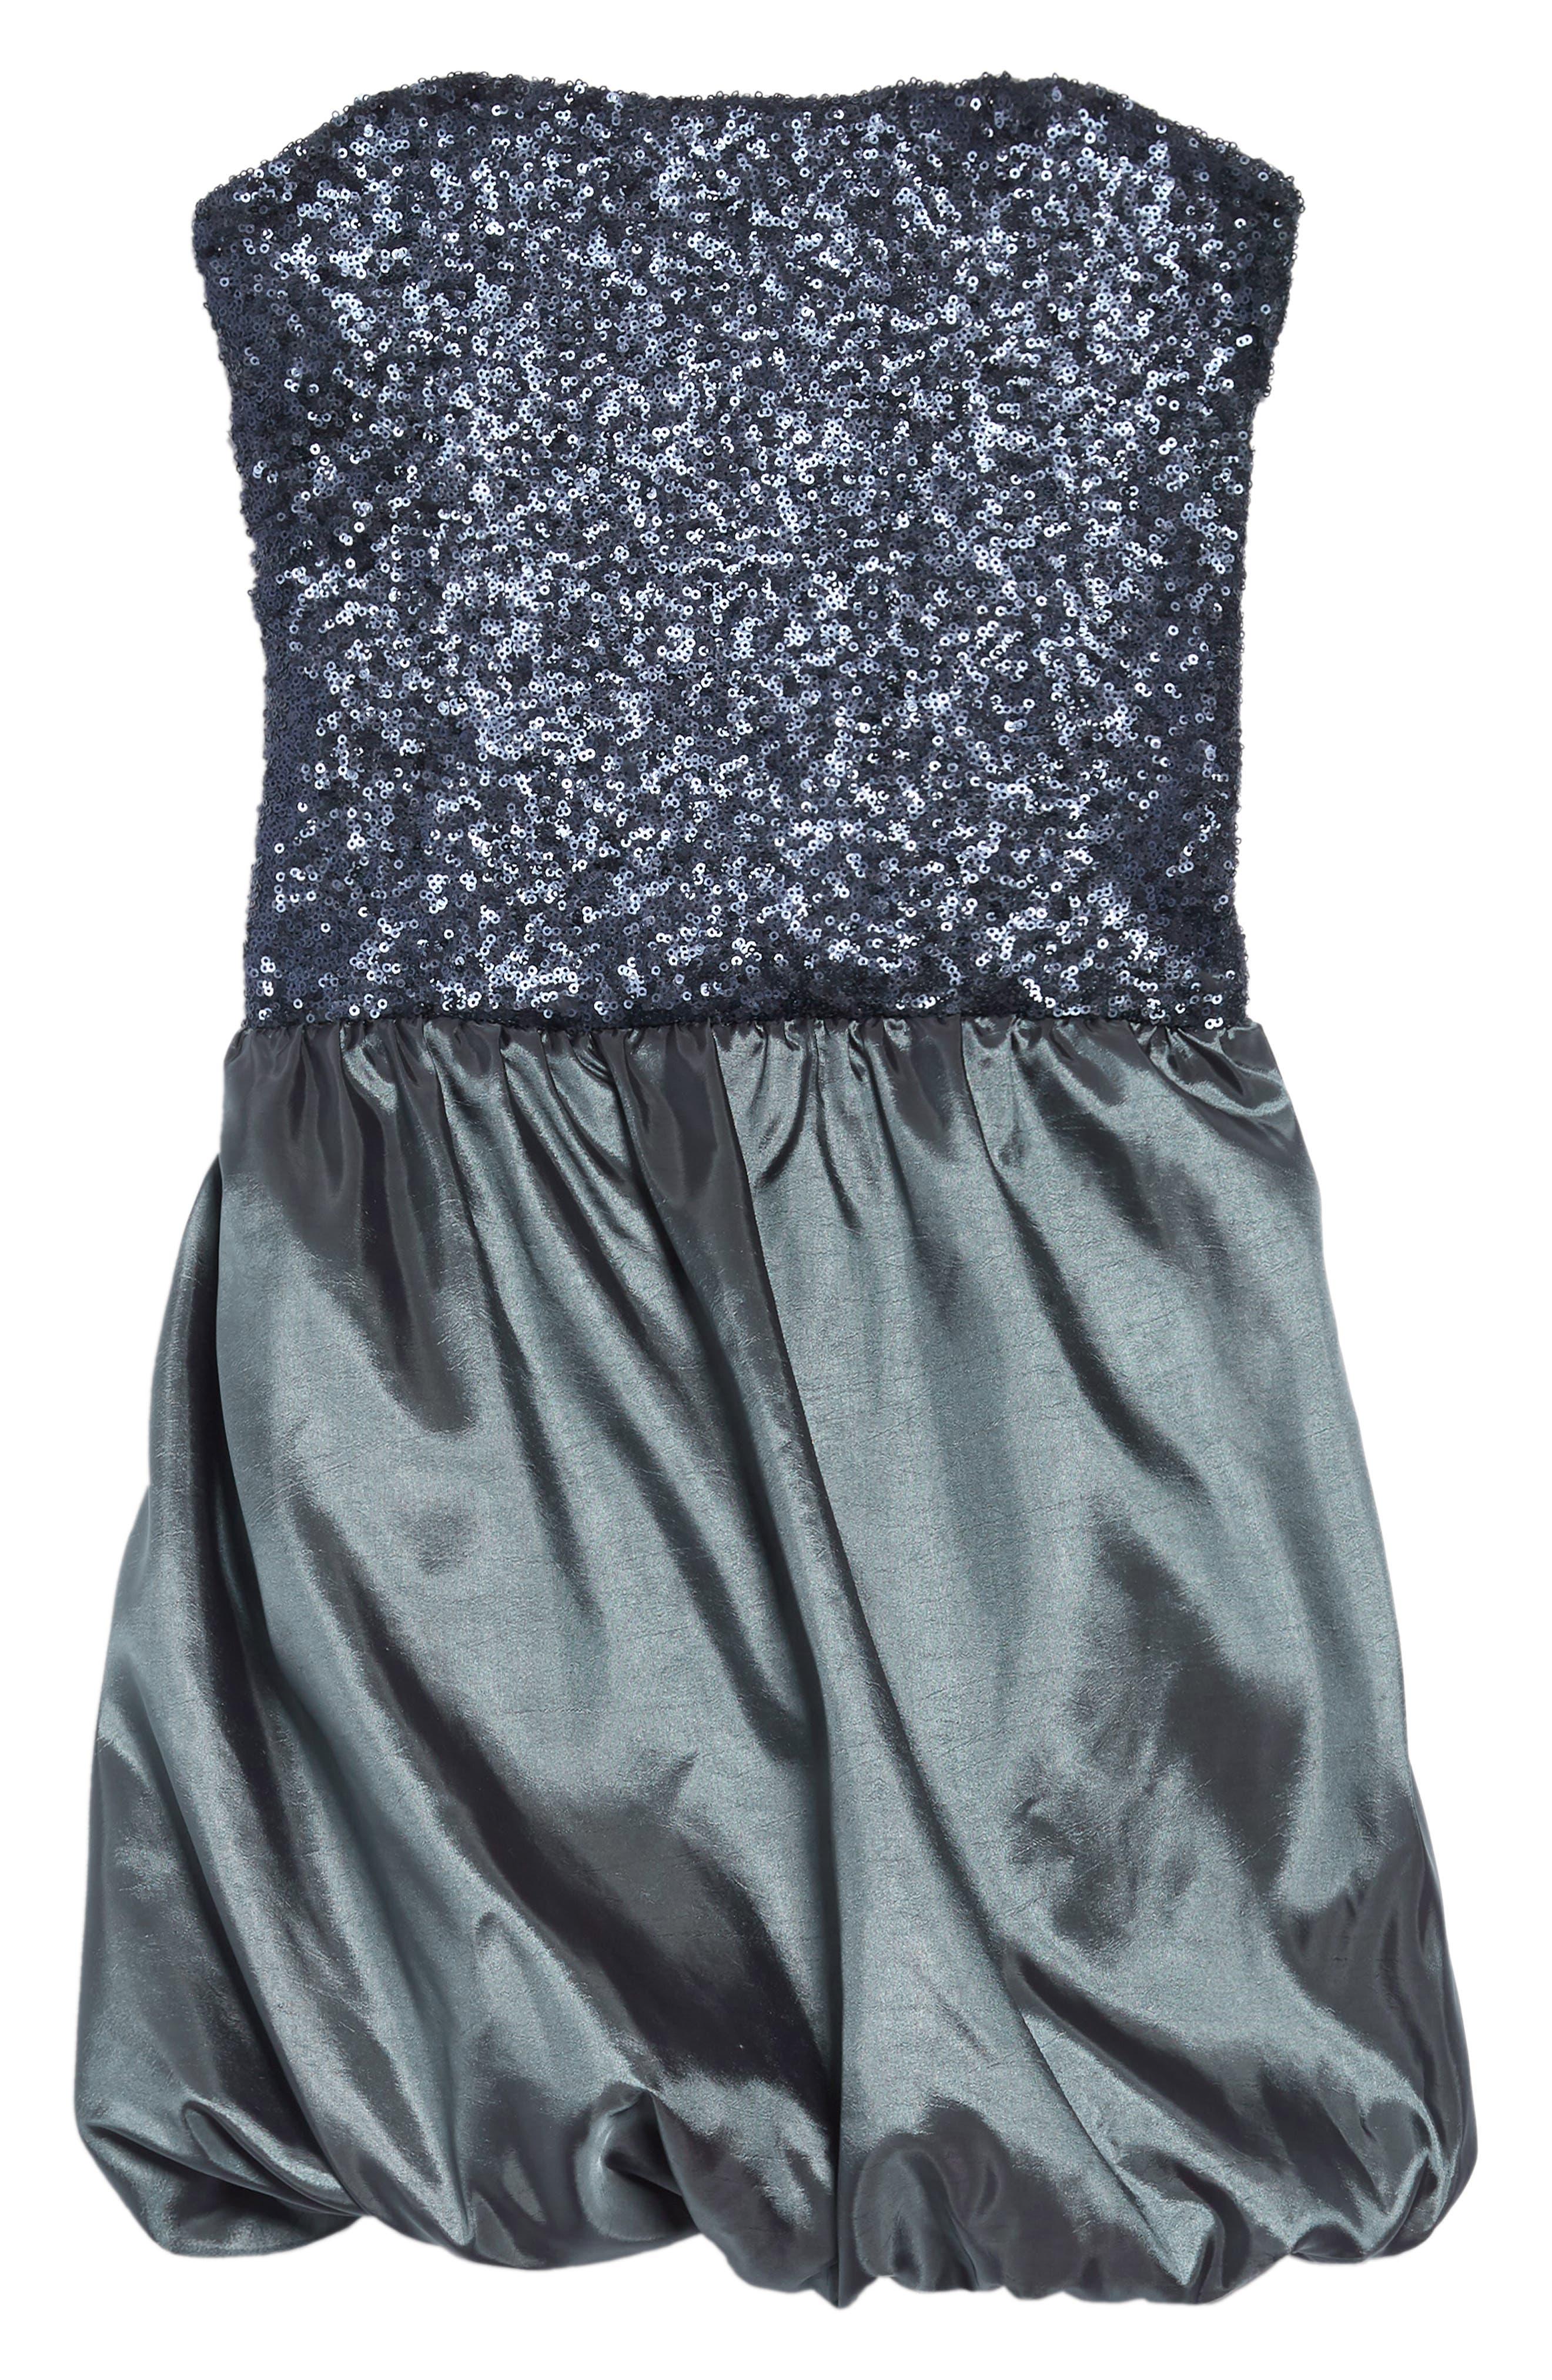 Stella M'Lia Sequin Bubble Dress,                             Main thumbnail 1, color,                             GREY